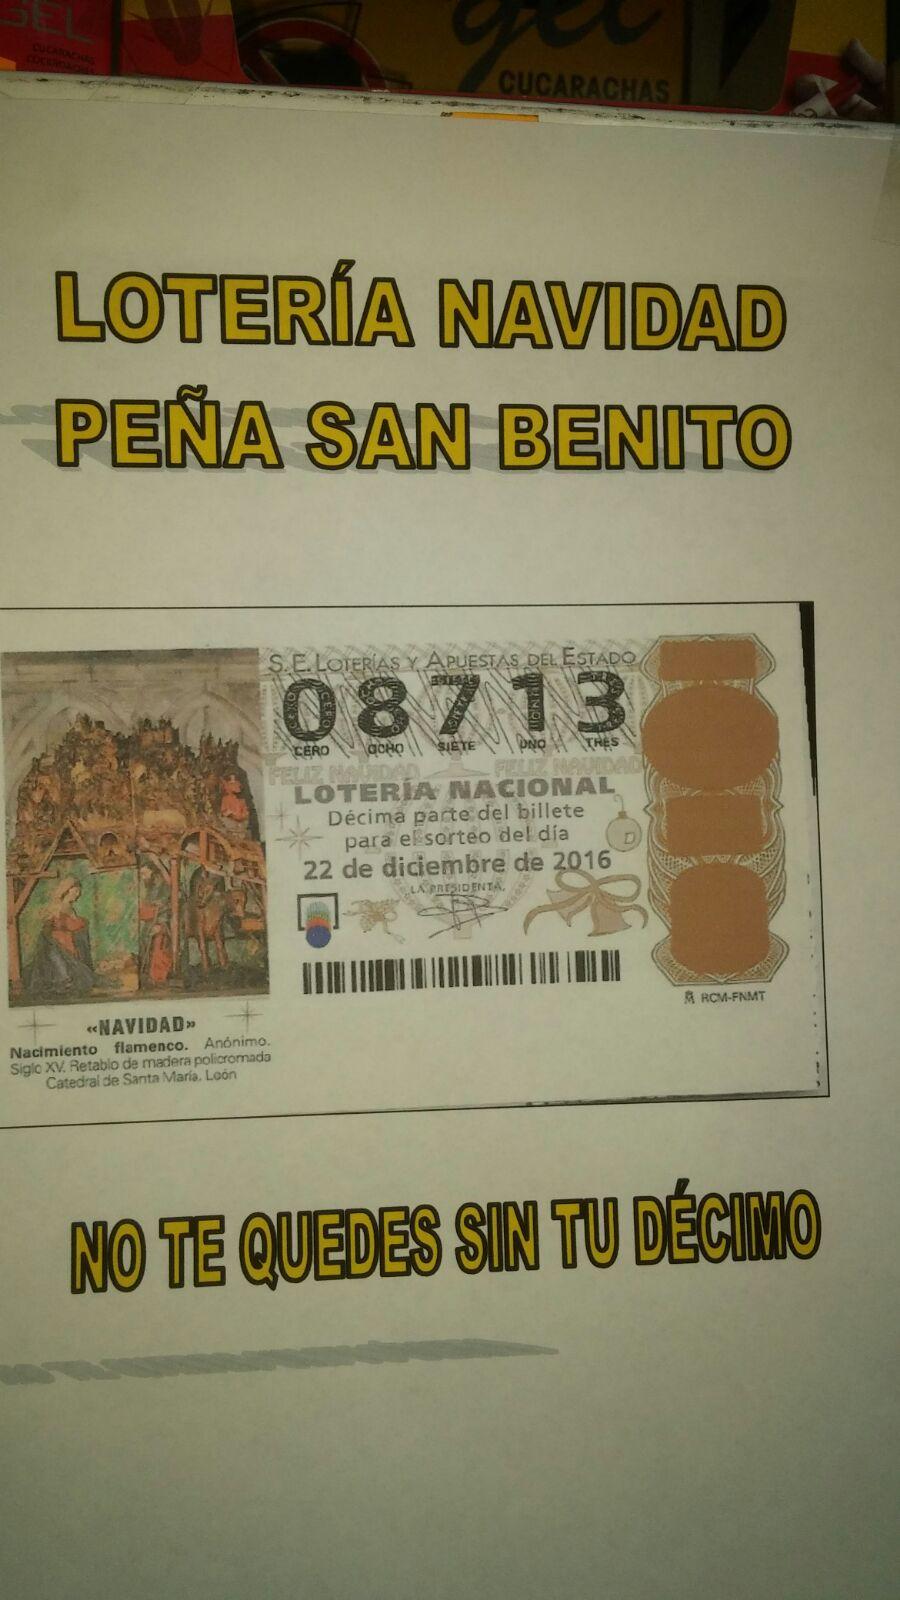 Loteria navidad de la Peña